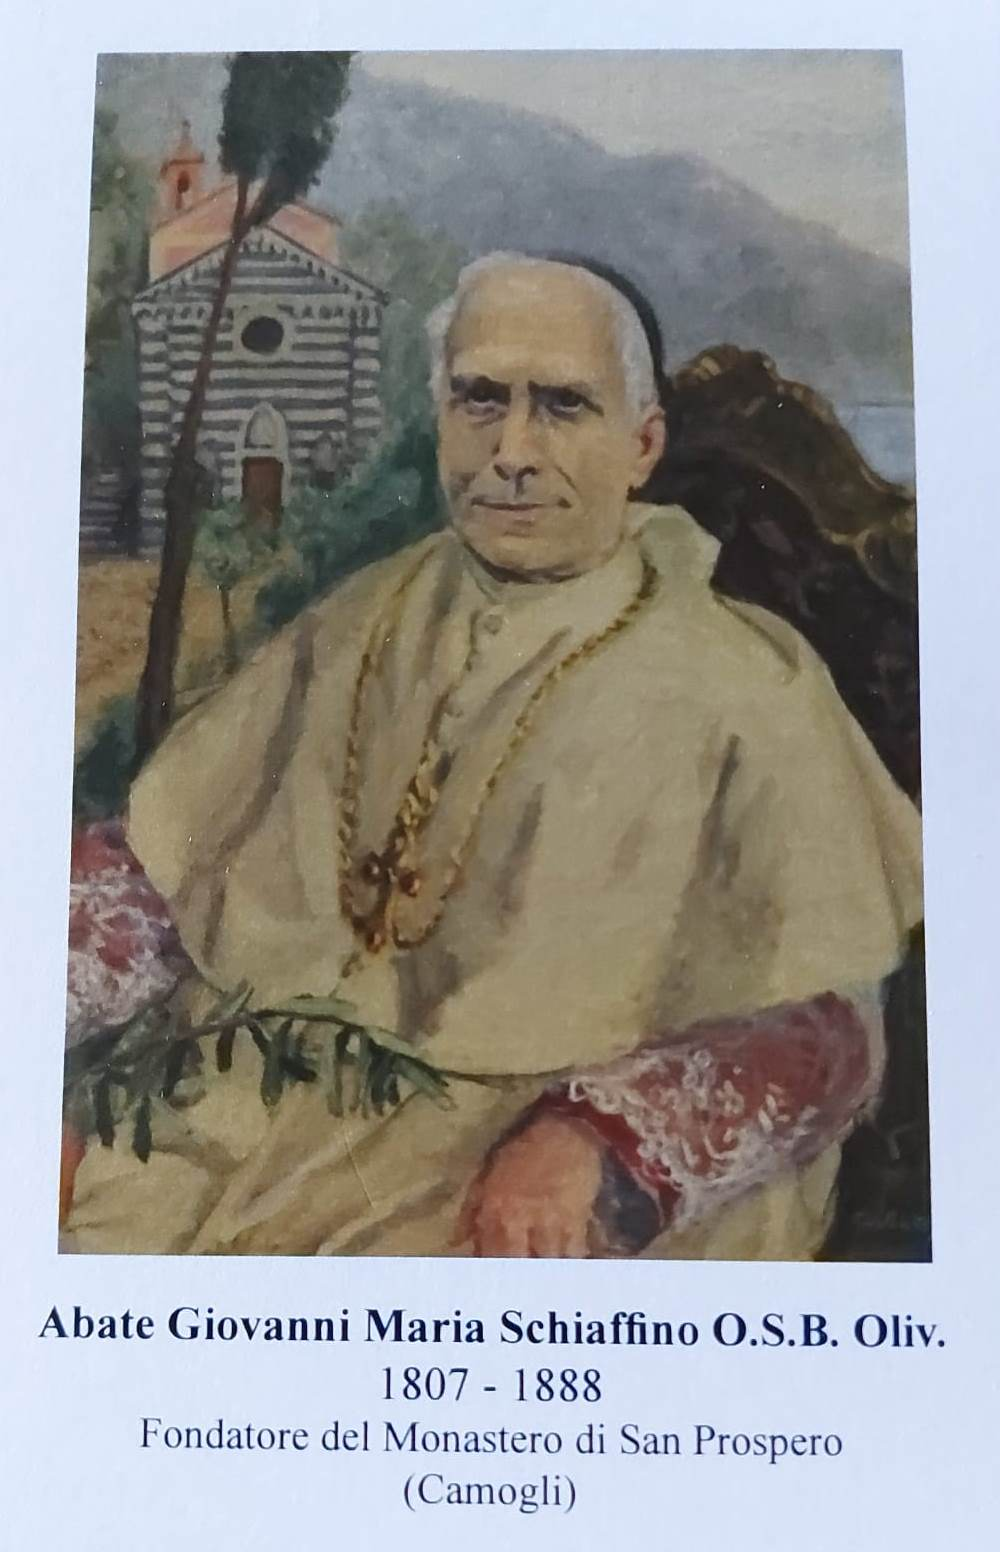 Camogli: beatificazione dell'abate Schiaffino, le immaginette